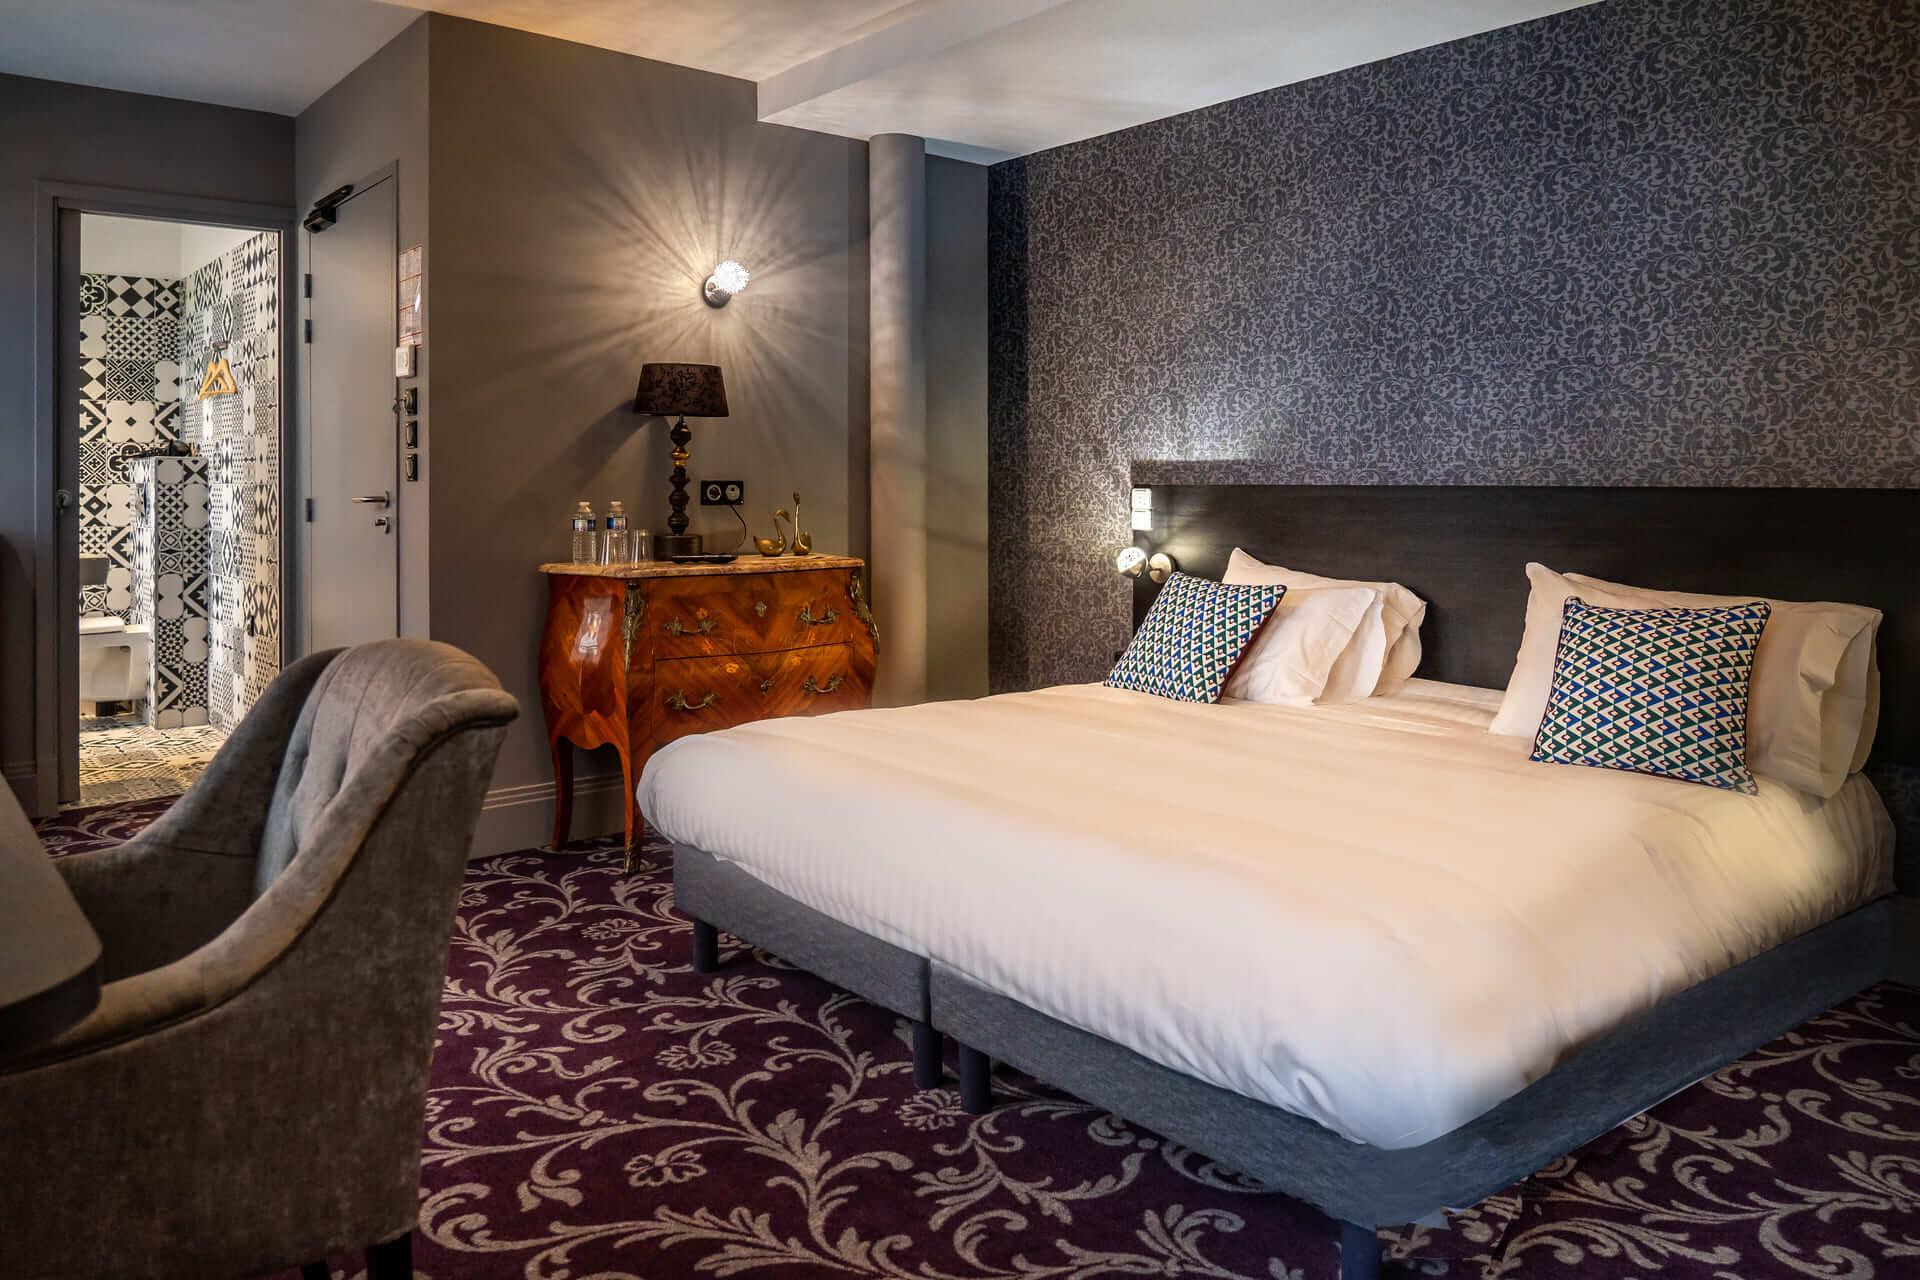 Chambre Chambres Prestiges | Le Manoir de Joséphine - 5